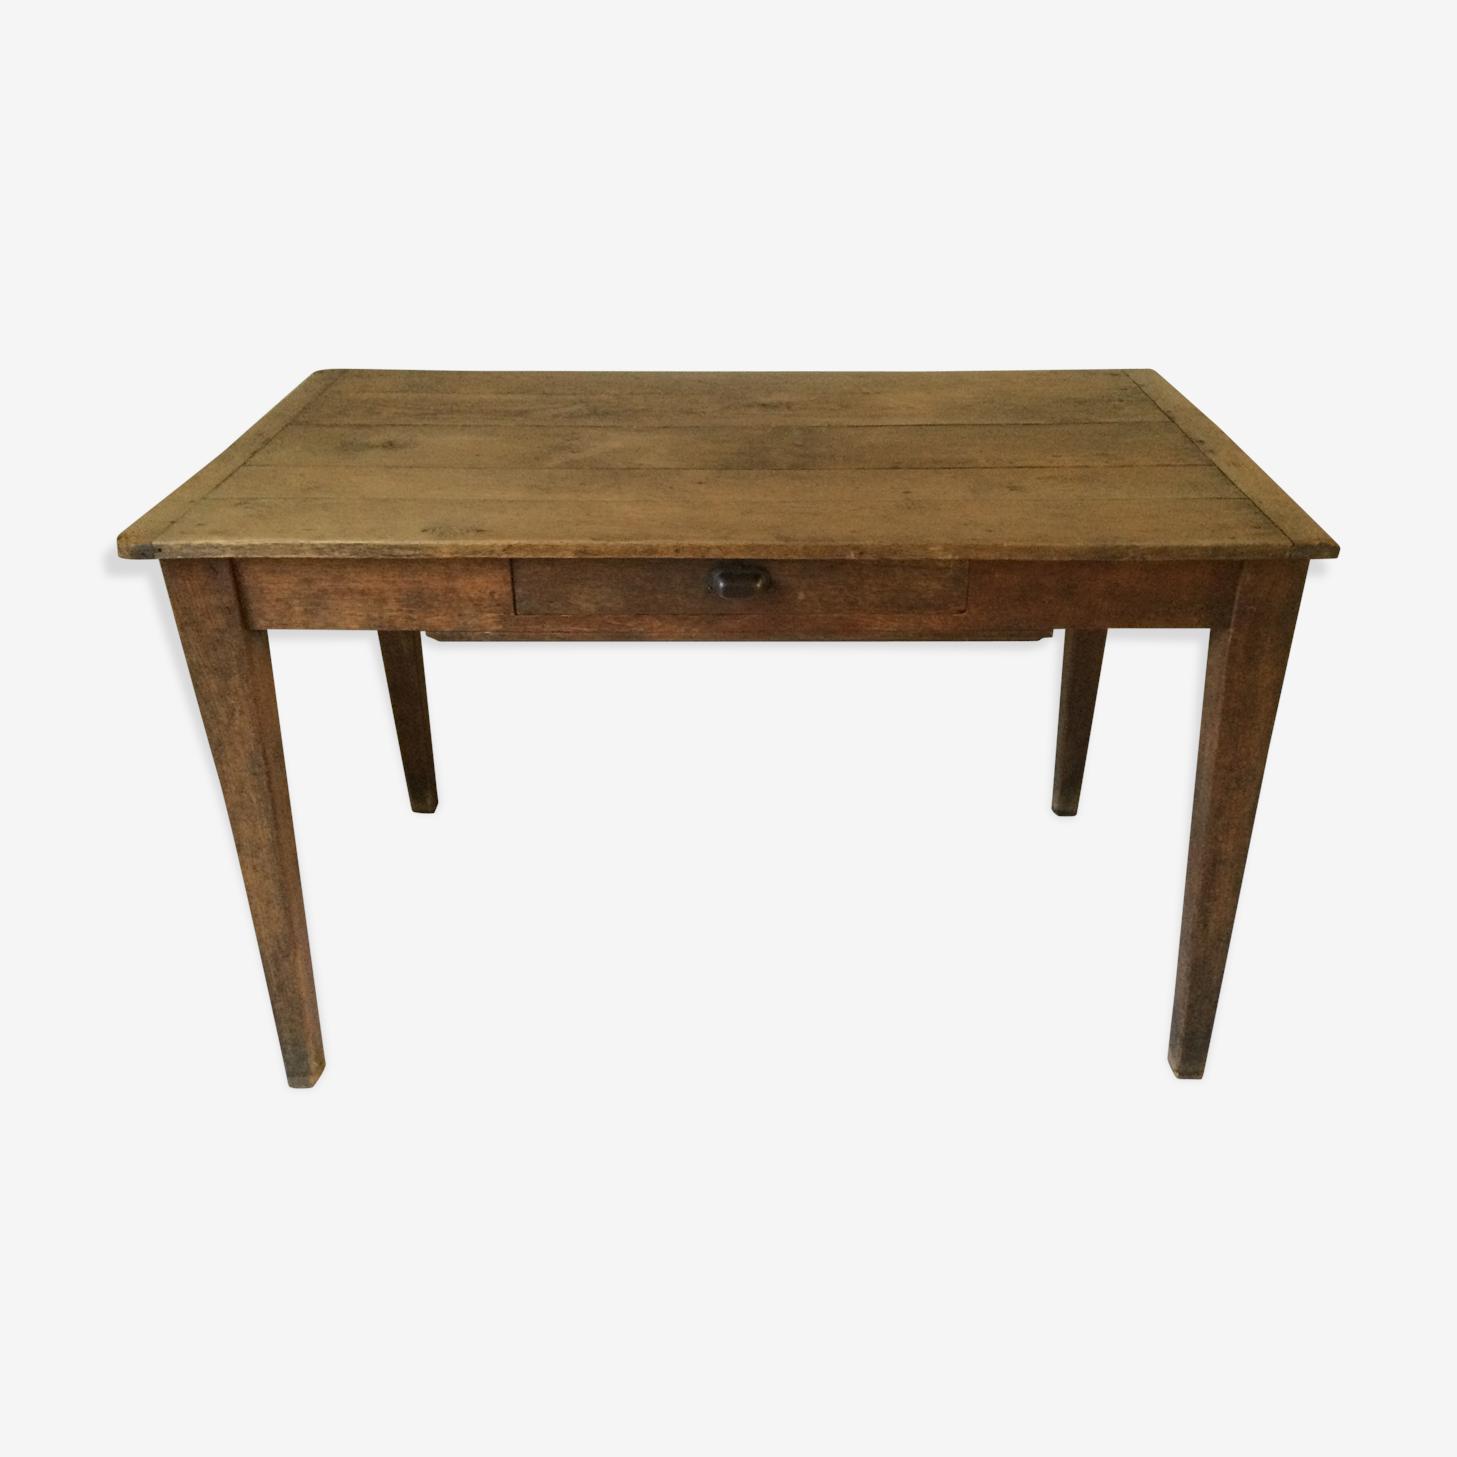 Table vintage years 50-60